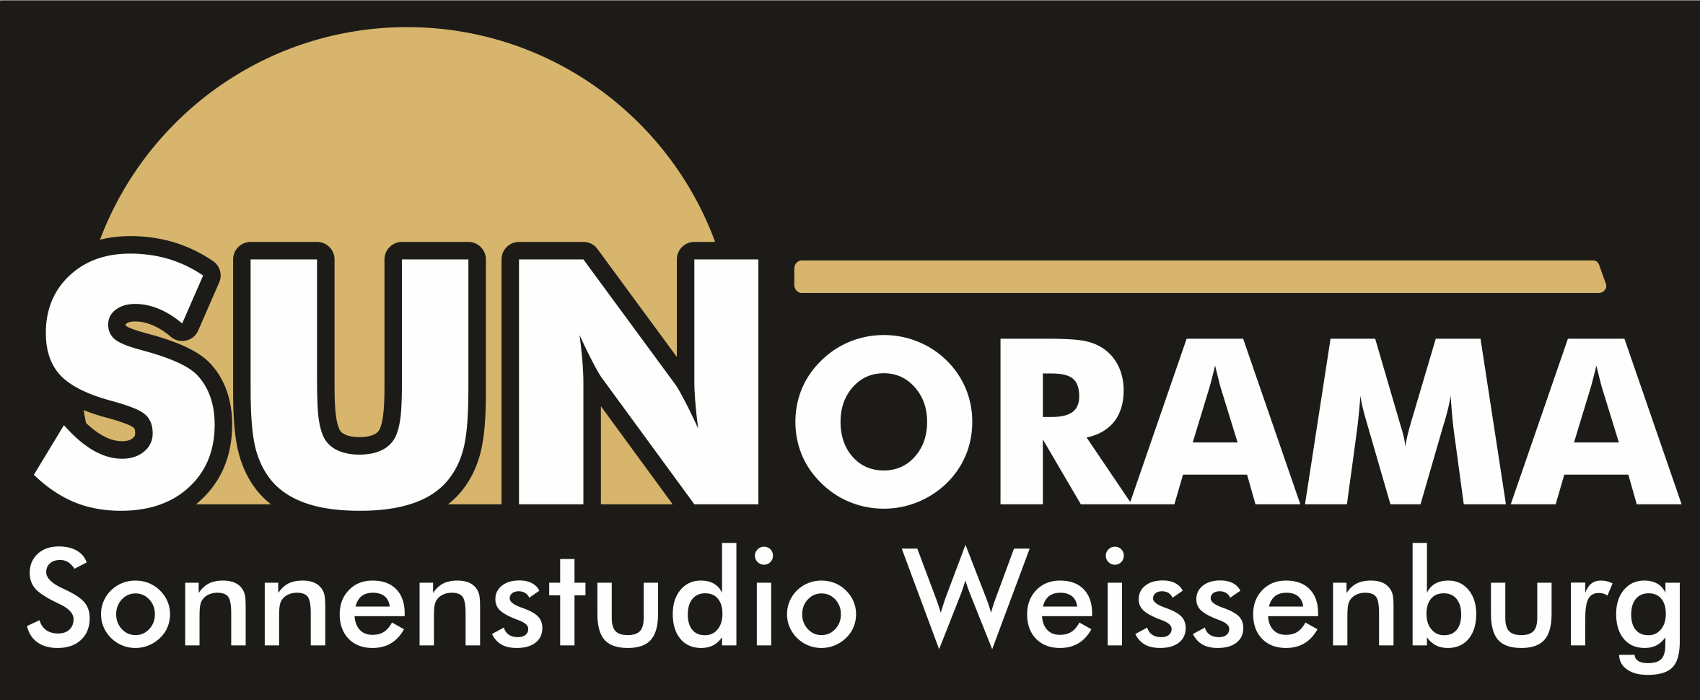 Bild zu Sonnenstudio SUNorama in Weißenburg in Bayern